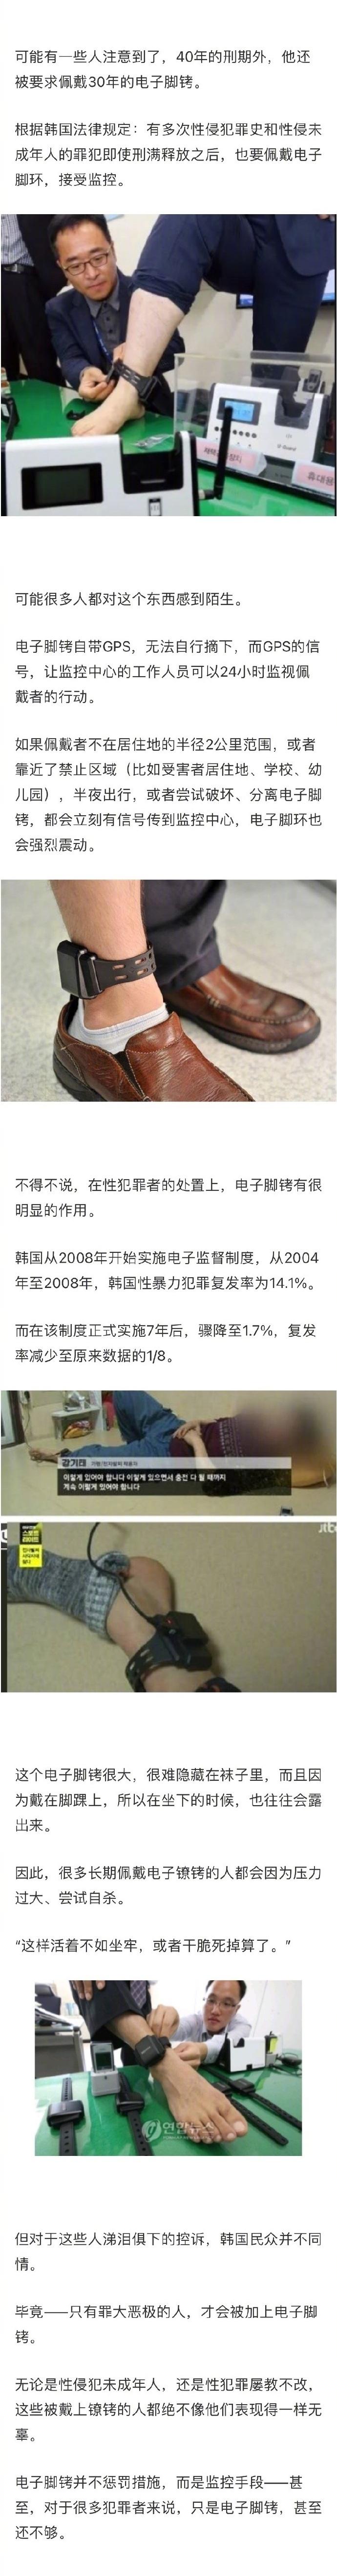 韩国N号房主犯赵主彬一审被判40年,佩戴电子脚铐30年